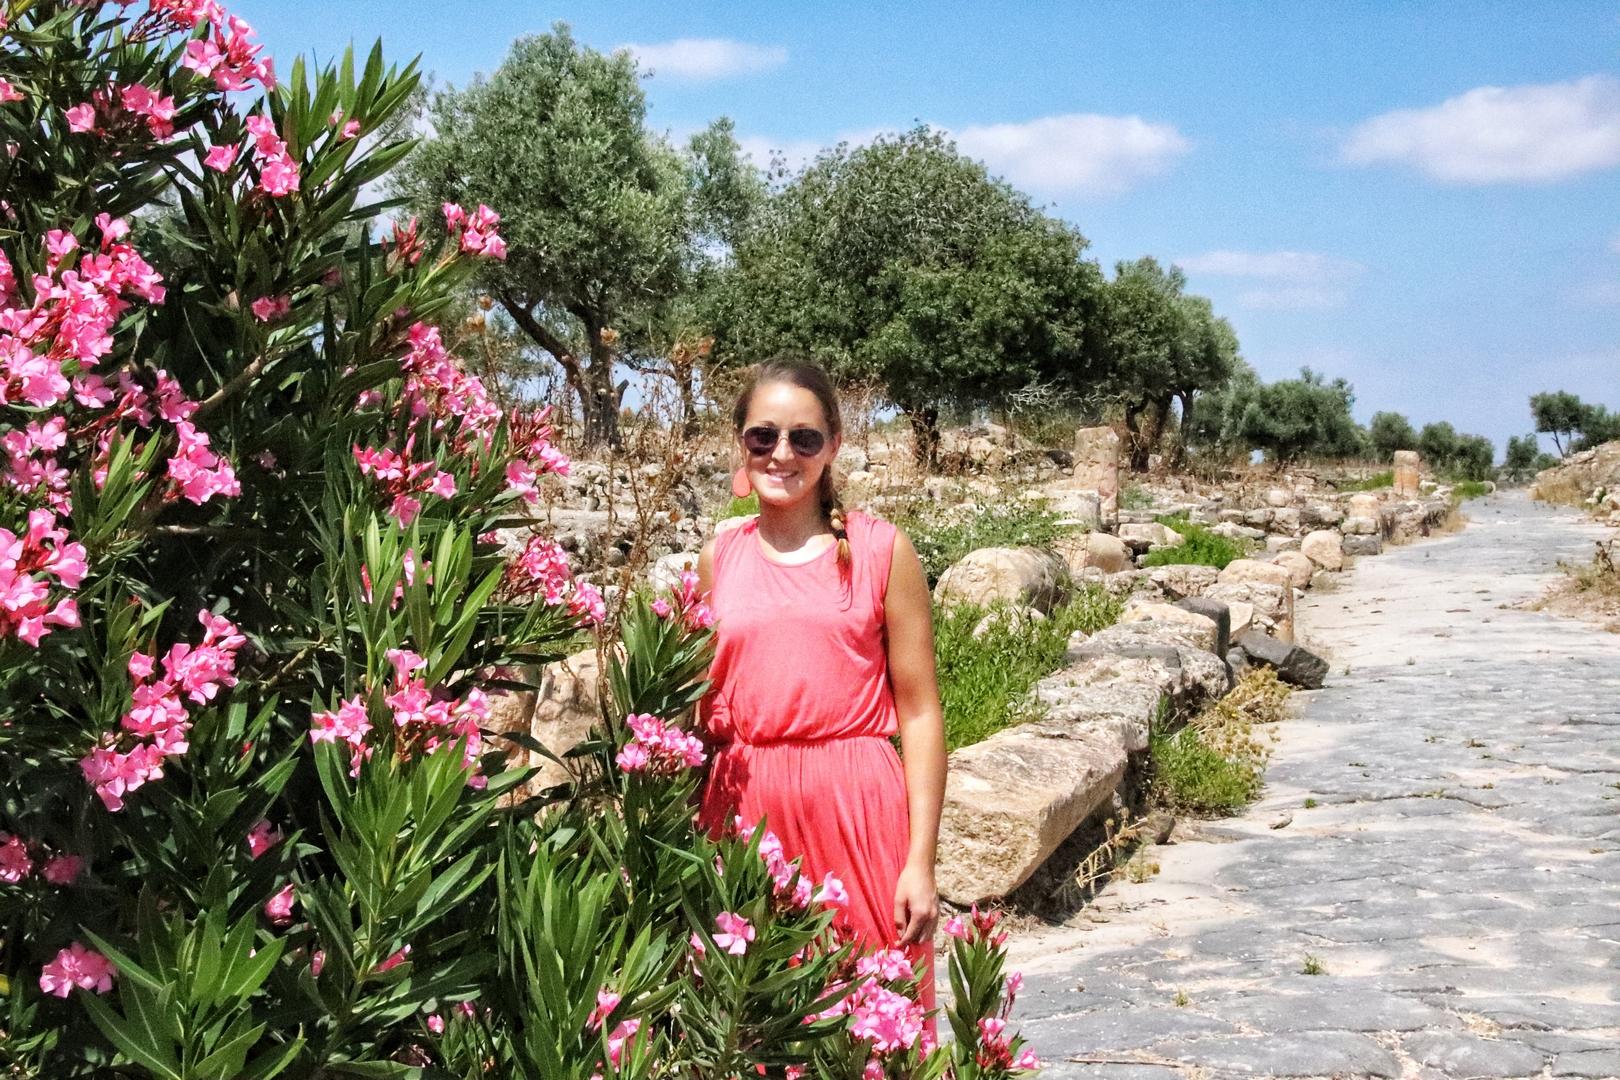 Jordanie - Laurier rose sur le site romain de Umm Qais